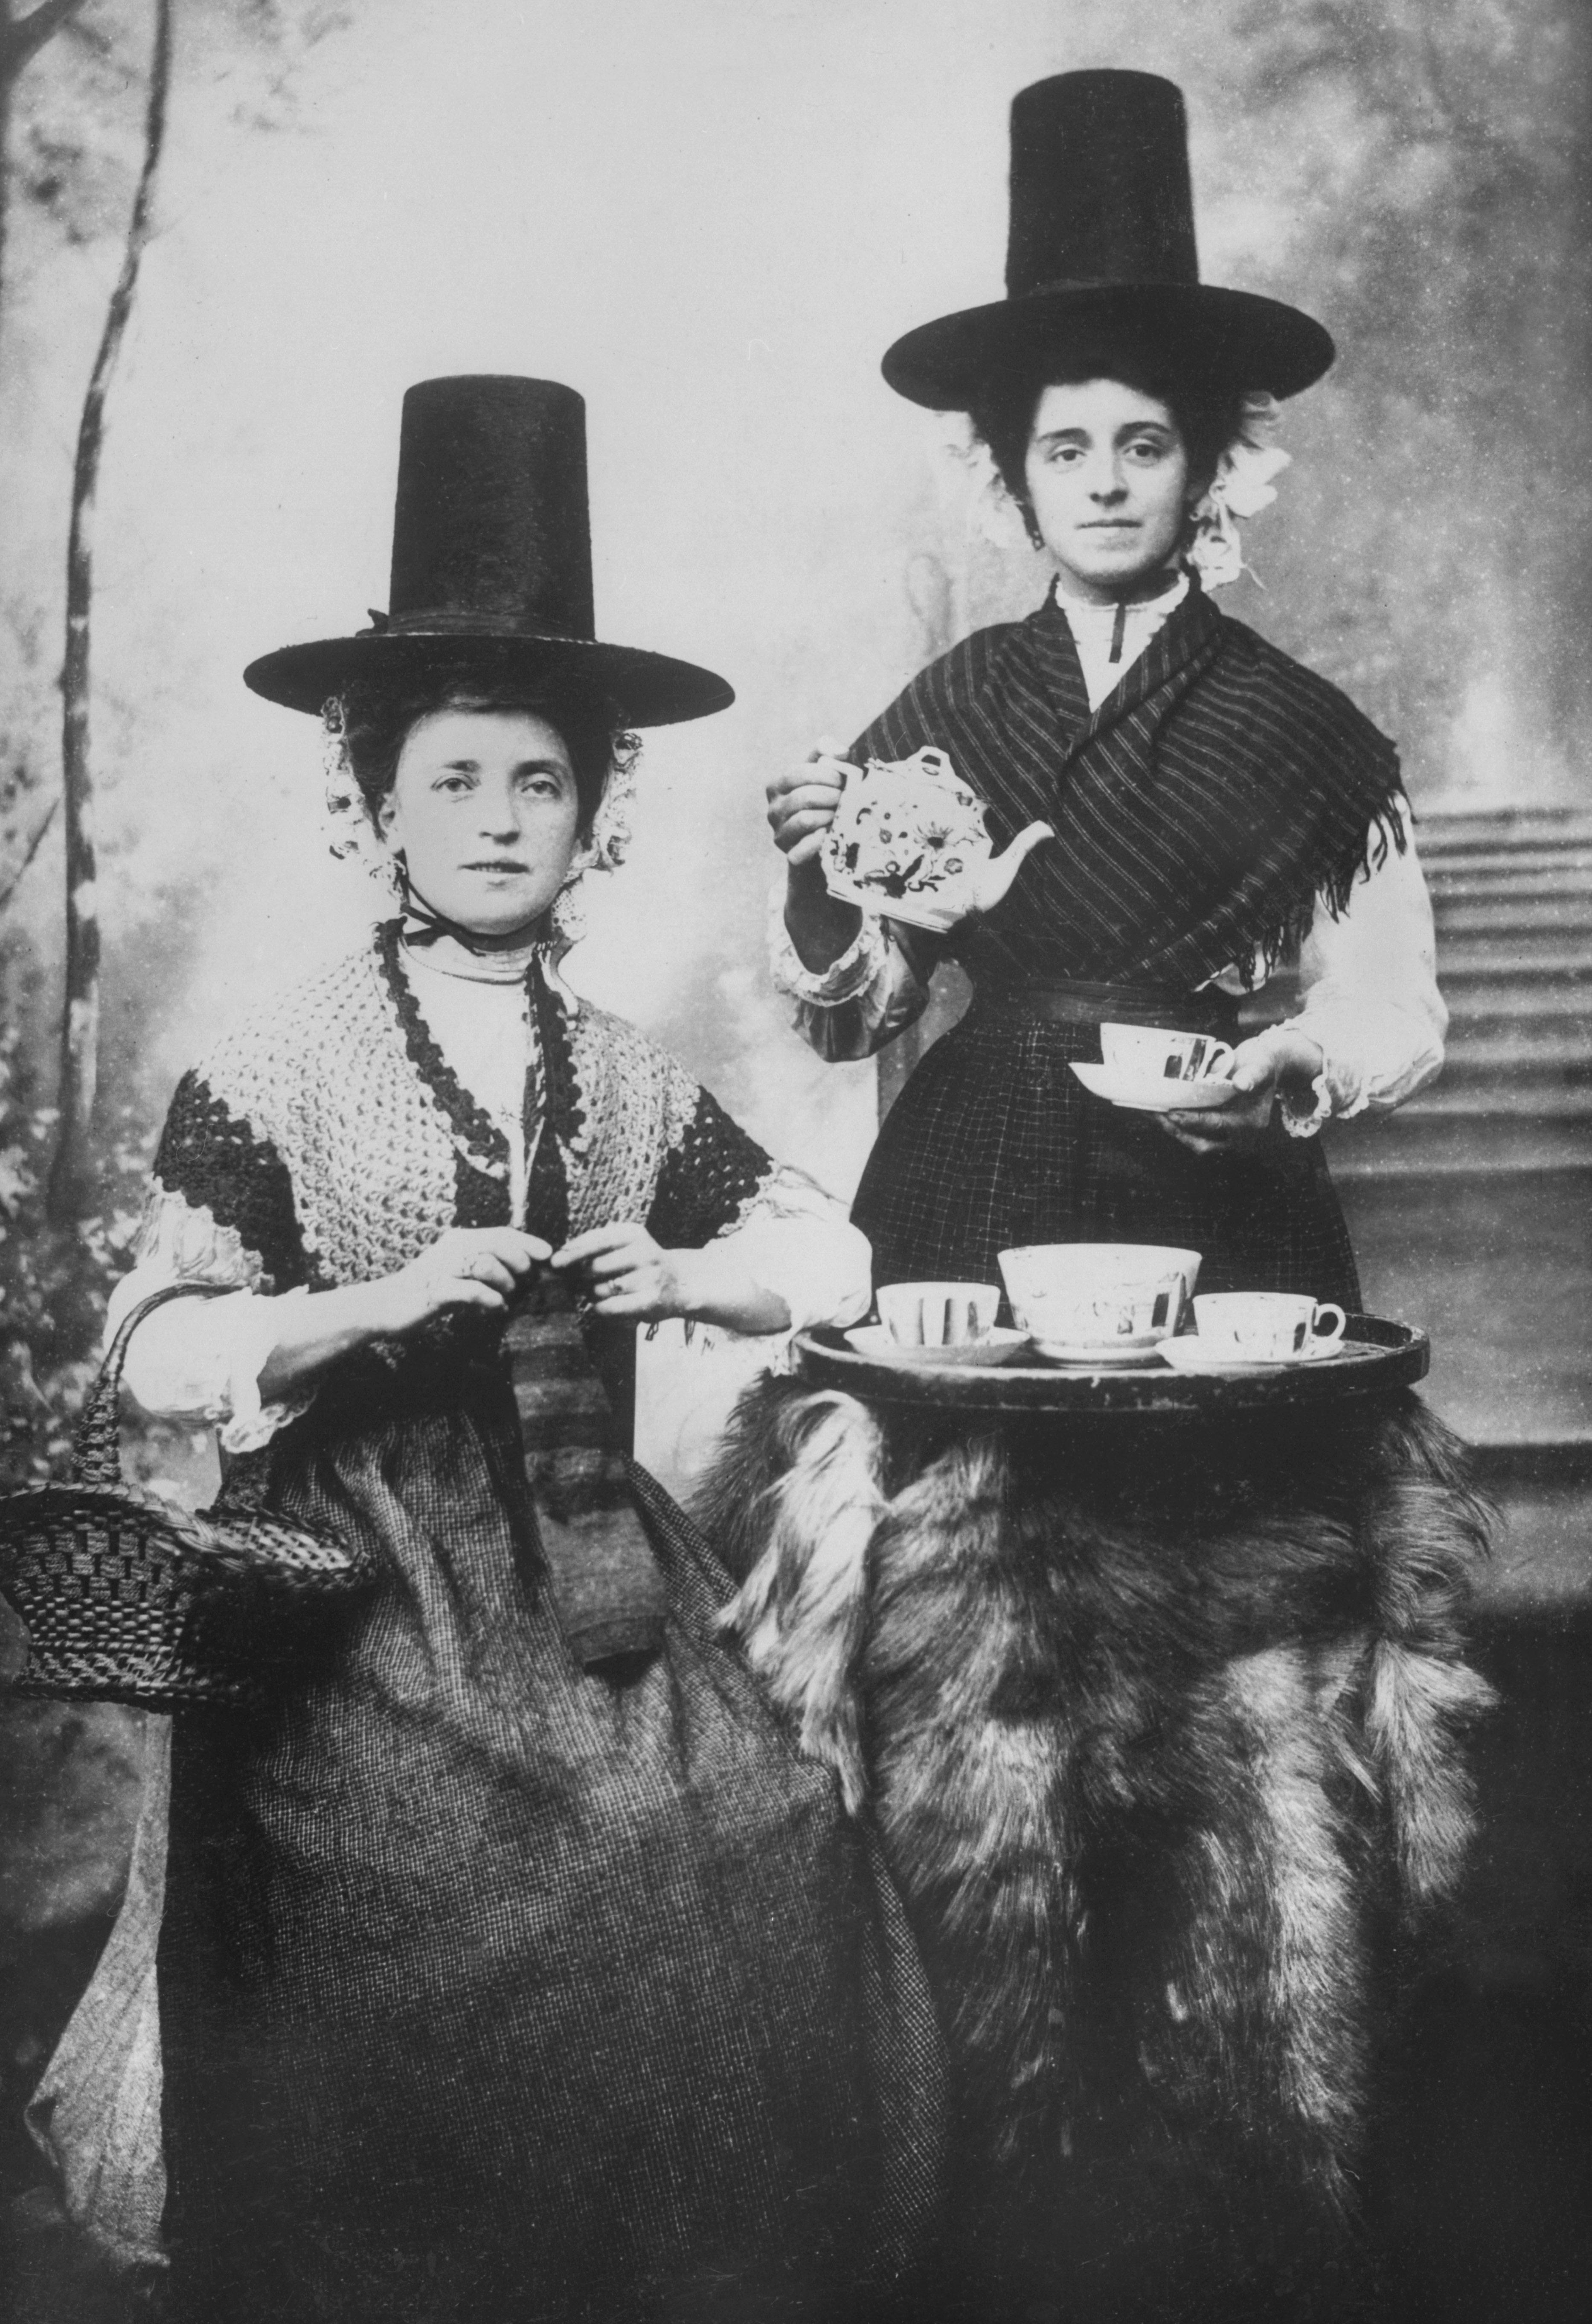 Women in Traditional Welsh Dress